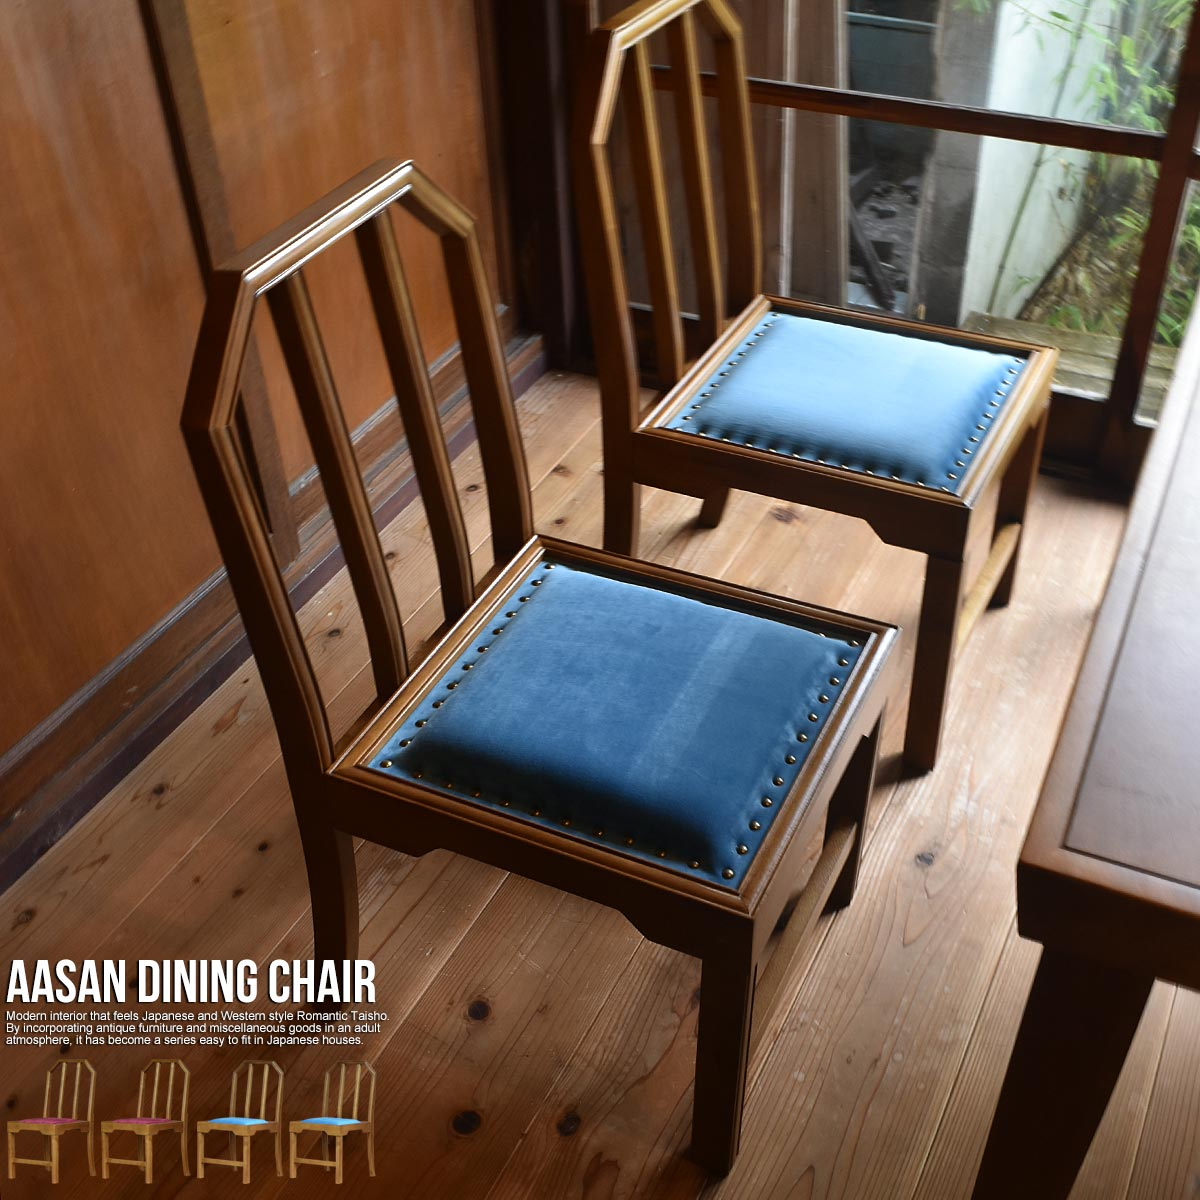 【あす楽】ダイニングチェア 2脚セット AASAN アッサン 古民家カフェ 畳部屋 洋室 和室 チェア 椅子 アンティーク風 ※2脚SET 新生活